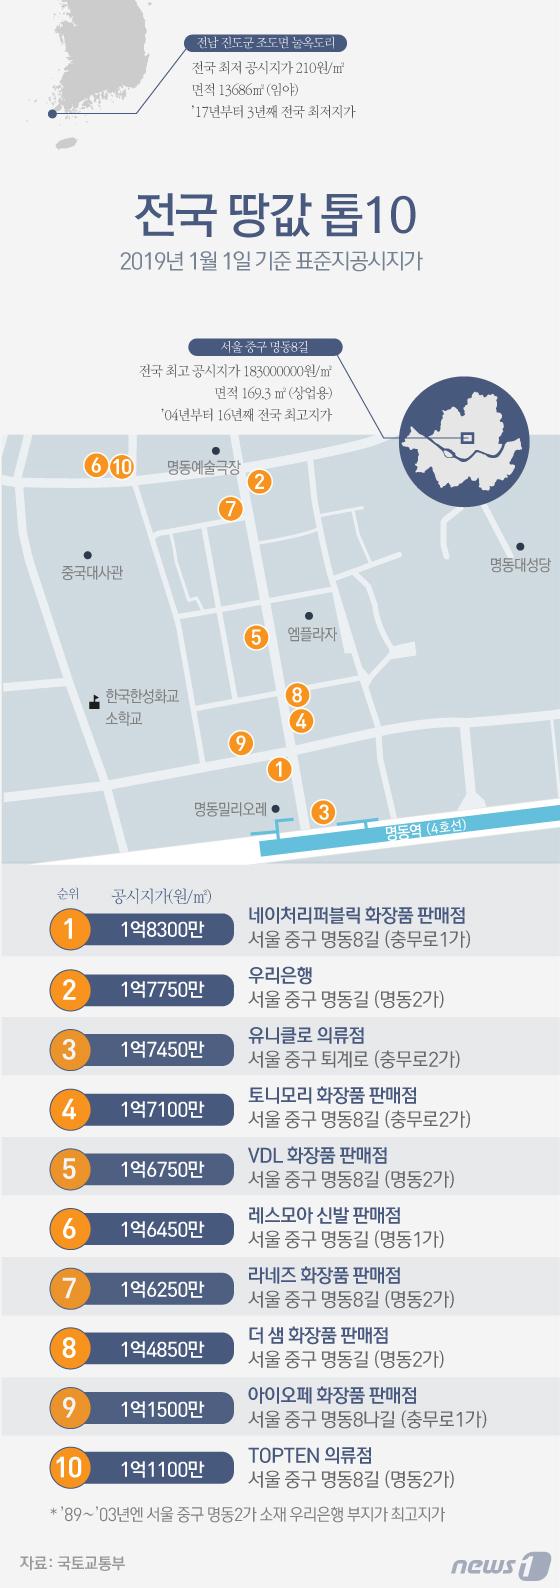 [그래픽뉴스] 전국 땅값 톱10